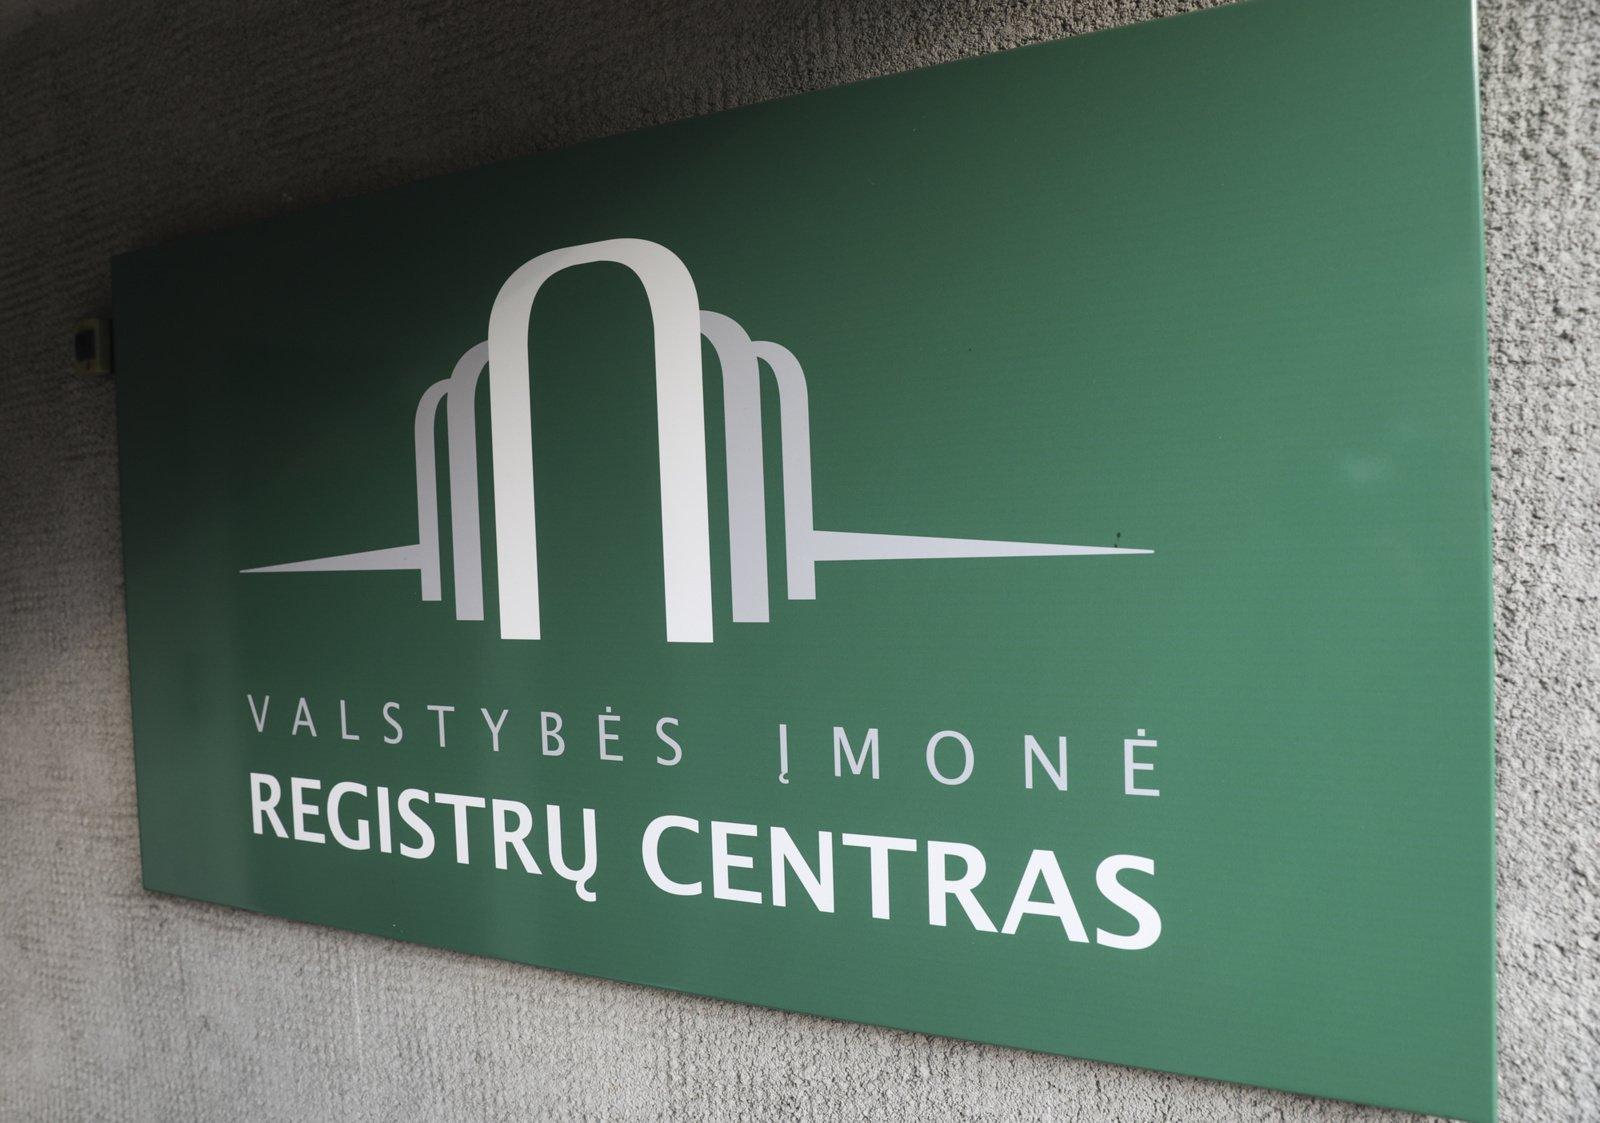 Naujas Registrų centro duomenų centras – iki šių metų pabaigos